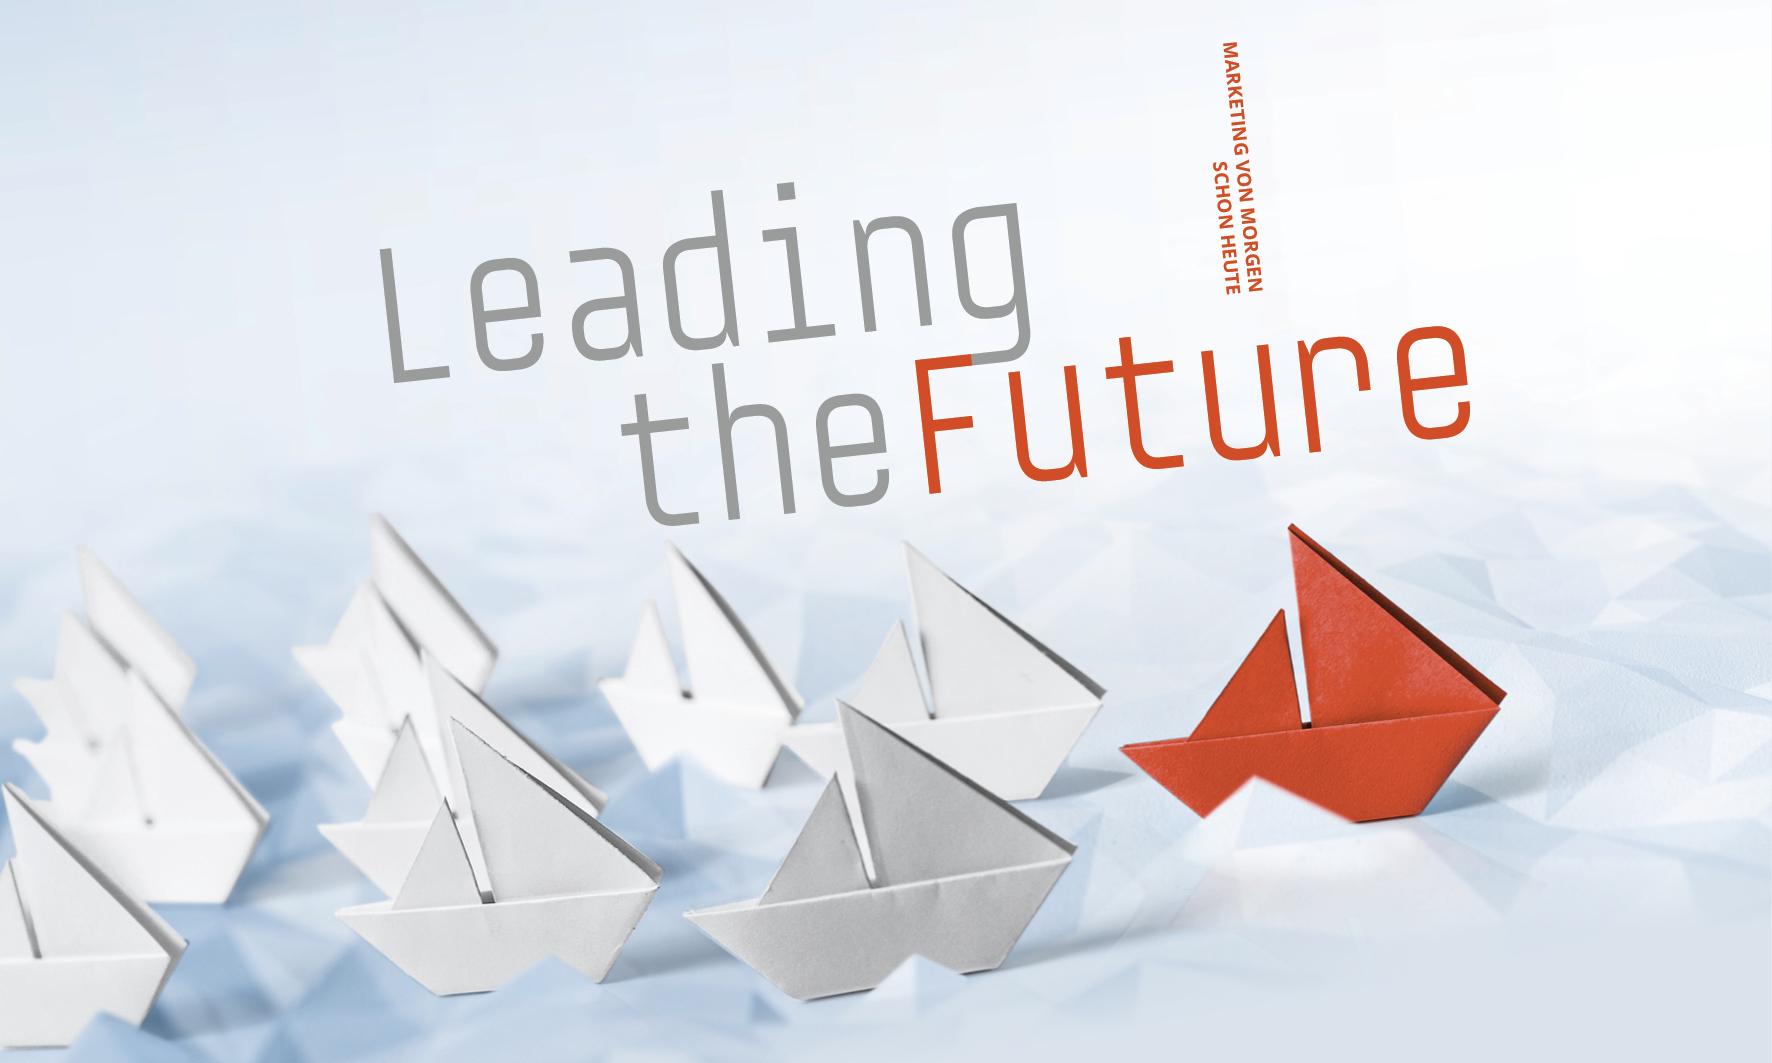 LEADING THE FUTURE